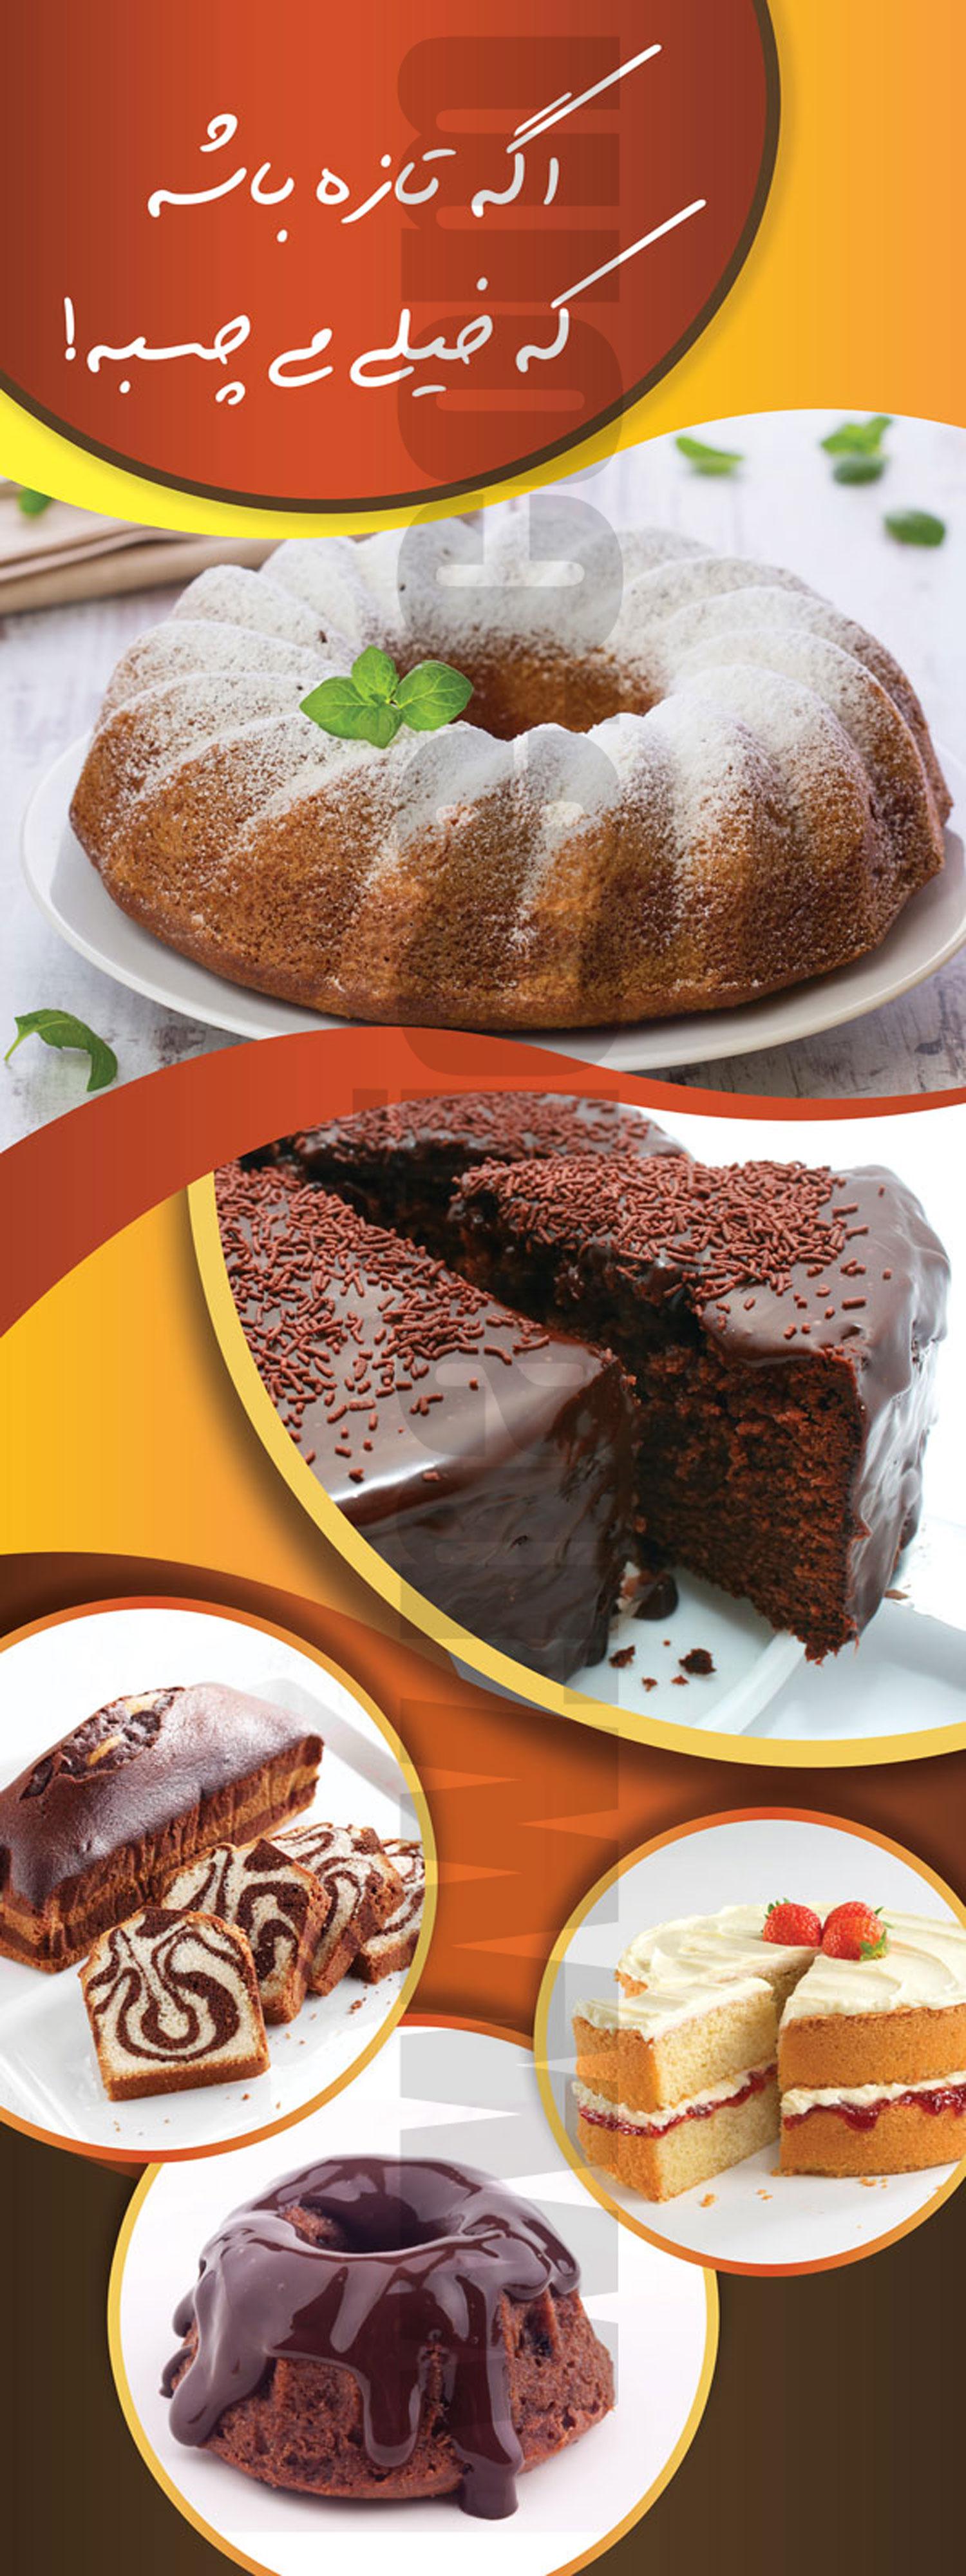 2015-06-18-cake-stand-nsd-150618-1249-b